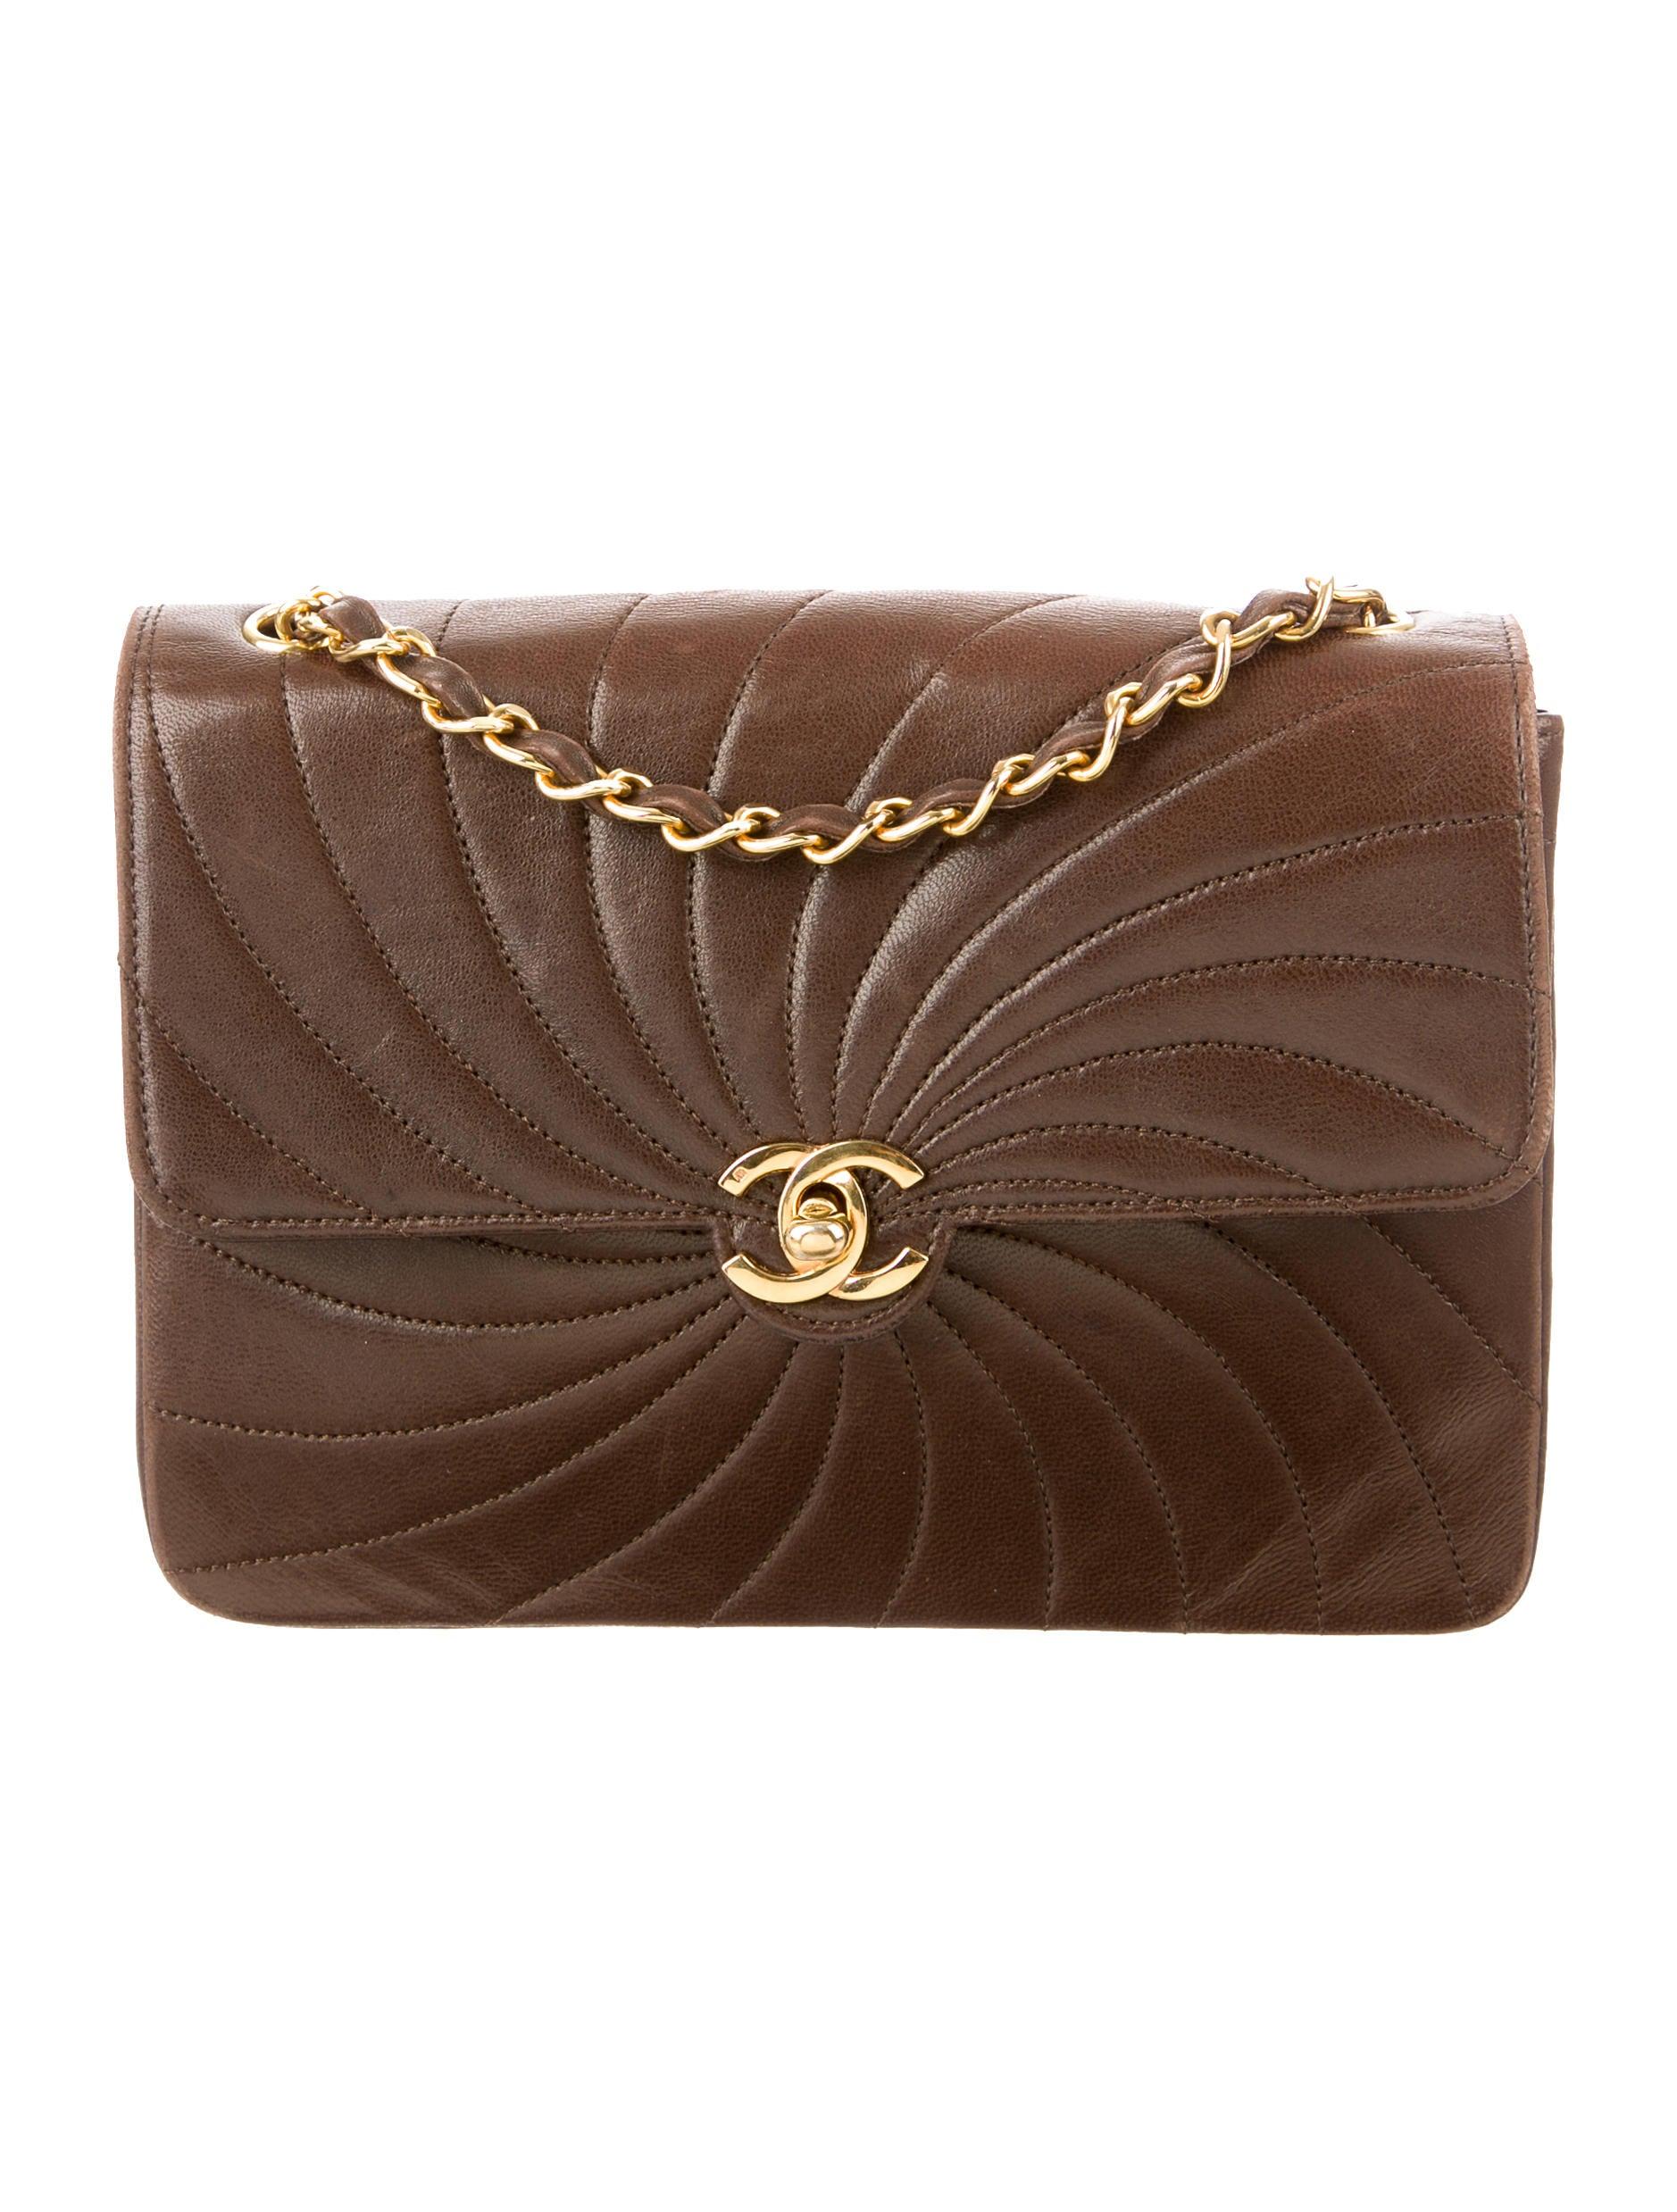 Chanel Väskor Vintage : Chanel vintage flap shoulder bag handbags cha